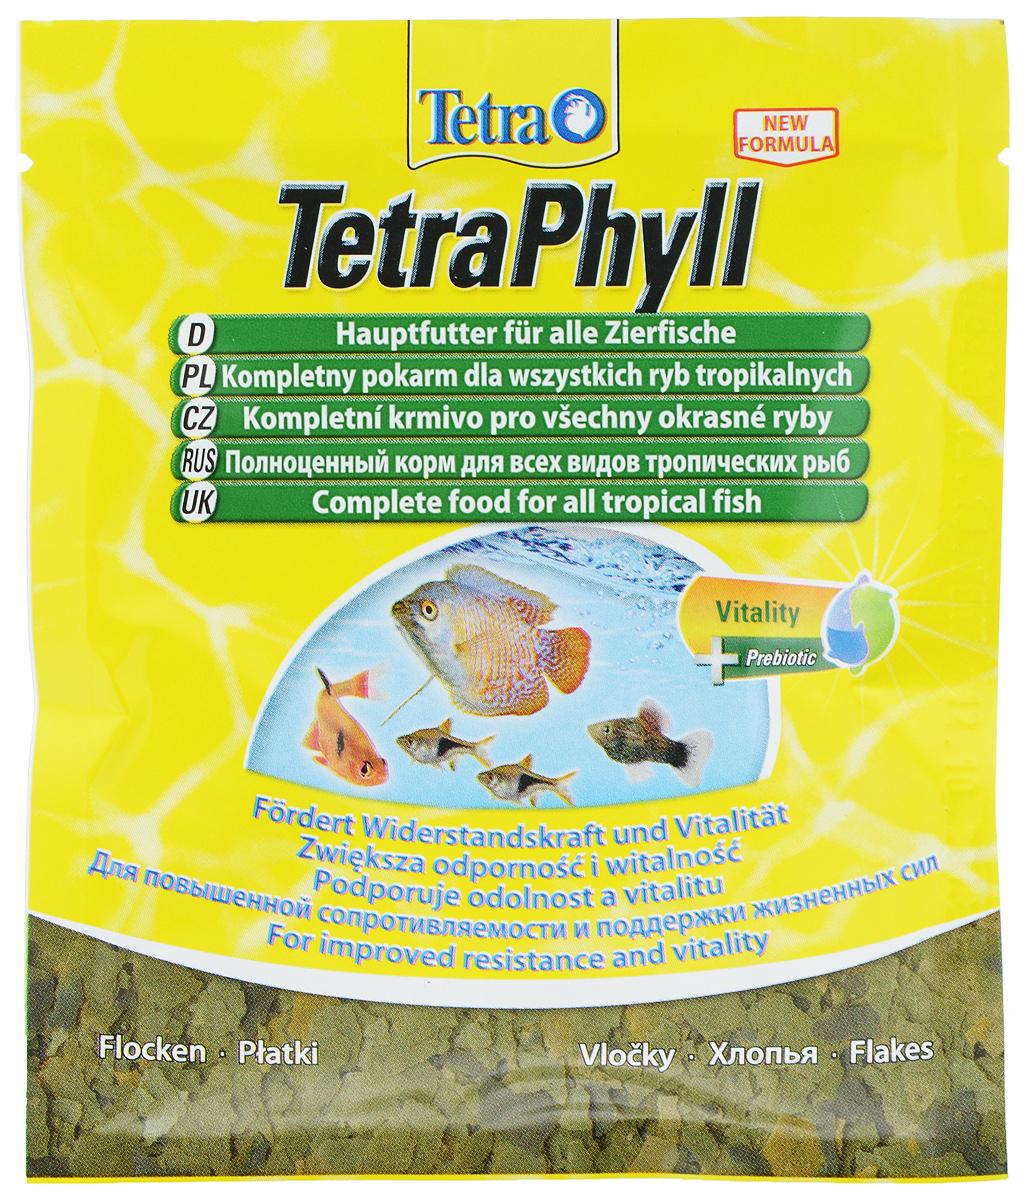 Корм Tetra TetraPhyll для всех видов тропических рыб, хлопья, 12 г134430Корм Tetra TetraPhyll - превосходная смесь хлопьев со специальным растительным комплексом для полноценного питания и ежедневного кормления. Идеальный корм для всех травоядных тропических рыб. Высокое содержание растительных компонентов способствует улучшению здоровья и поддержанию жизненных сил рыб. Незаменимые волокна стимулируют пищеварение, что особенно необходимо травоядным рыбам. Запатентованная БиоАктив-формула обеспечивает высокую продолжительность жизни и хорошее здоровье рыб. Состав: рыба и побочные рыбные продукты, зерновые культуры, дрожжи, экстракты растительного белка, моллюски и раки, водоросли, масла и жиры, сахар (олигофруктоза 1%), минеральные вещества. Аналитические компоненты: сырой белок 46%, сырые масла и жиры 9%, сырая клетчатка 2%, влага 6%. Добавки: витамины, провитамины и химические вещества с аналогичным воздействием: витамин A 29720 МЕ/кг, витамин Д3 1860 МЕ/кг. Комбинации микроэлементов: Е5...